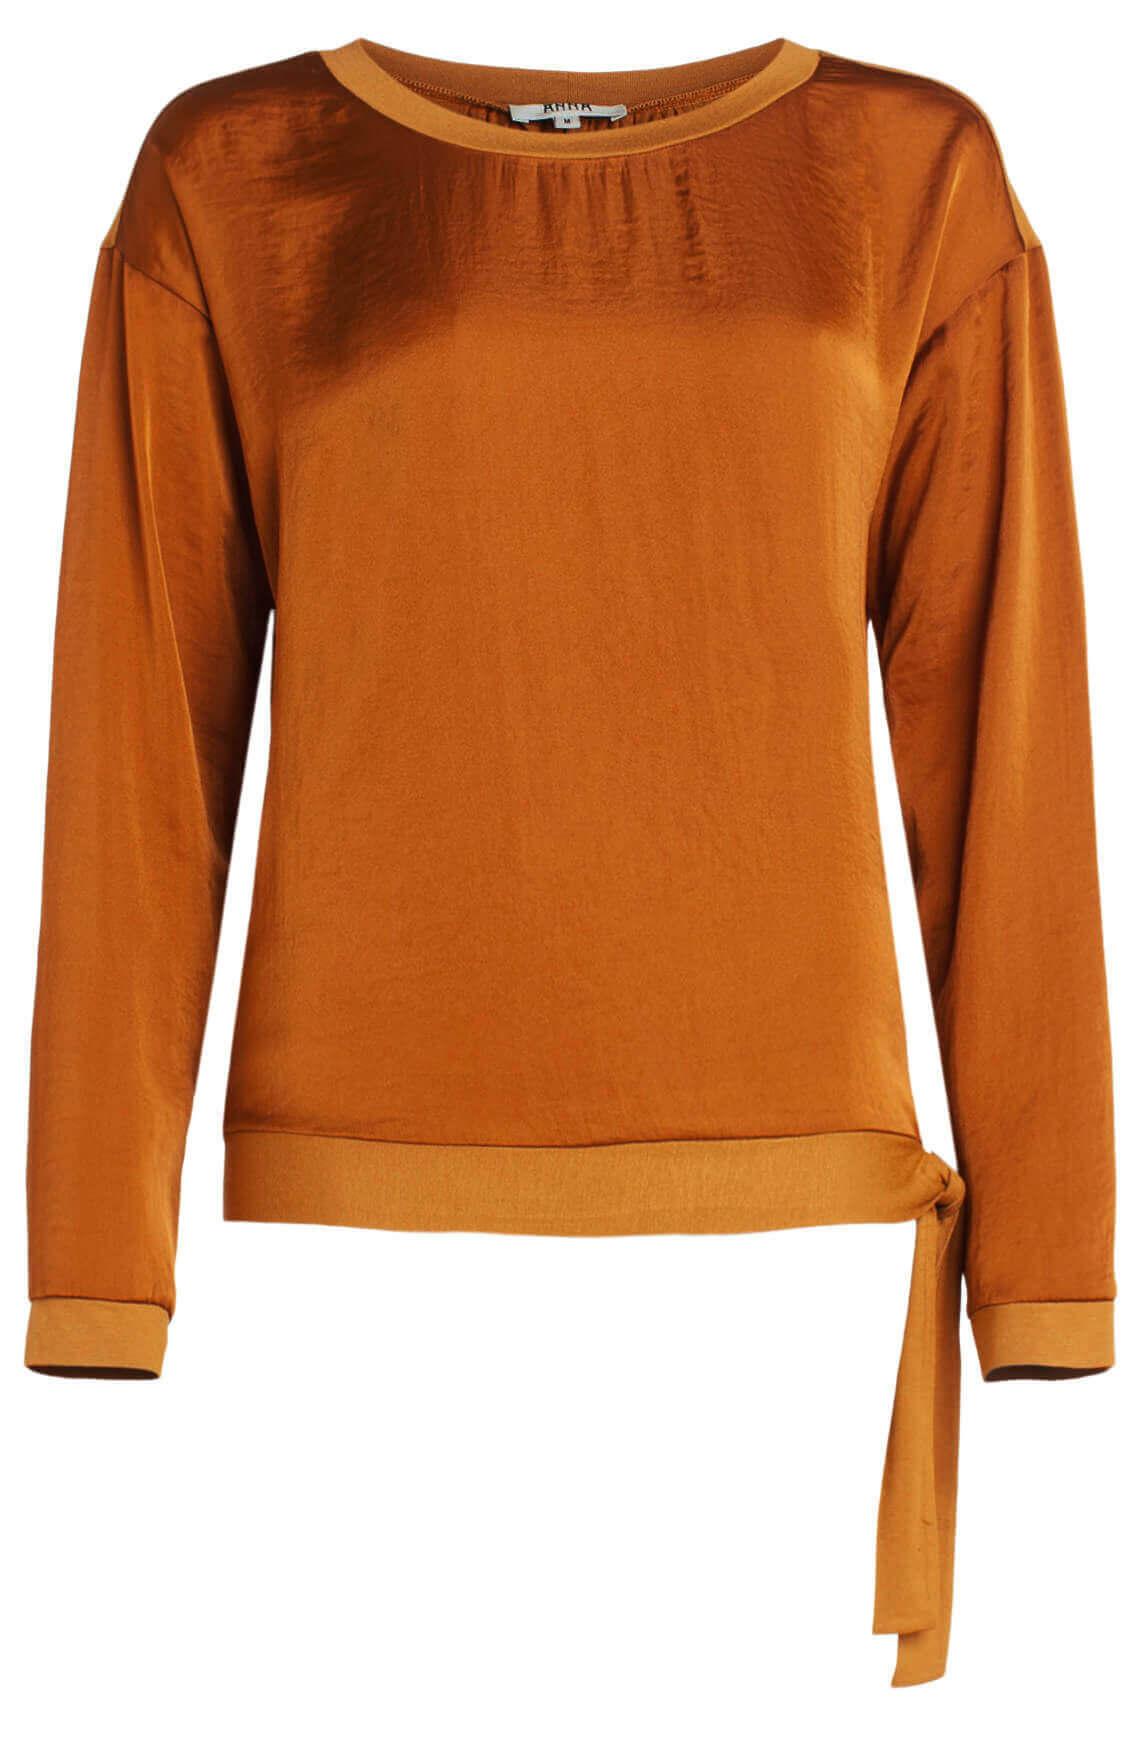 Anna Dames Materiaalmix blouse Bruin